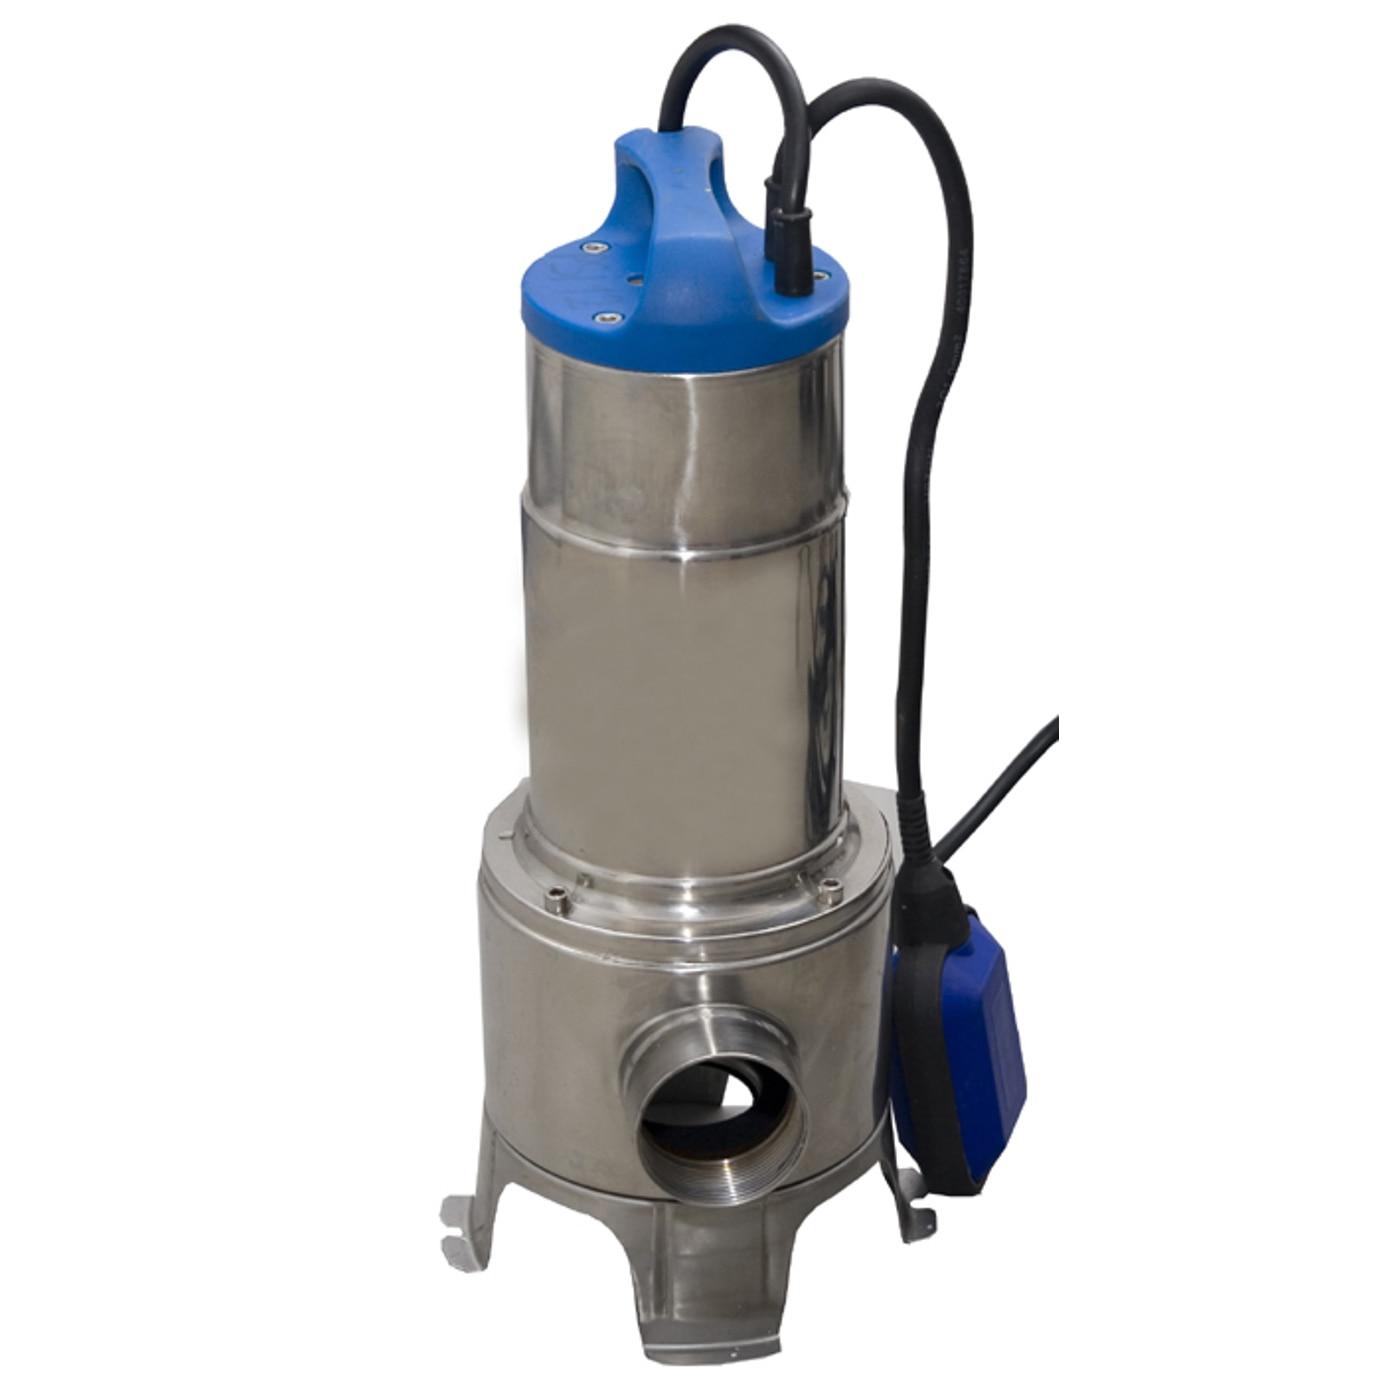 Fotografie Pompa submersibila apa murdara Wasserkonig PSI12, 750 W, 21000 l/h